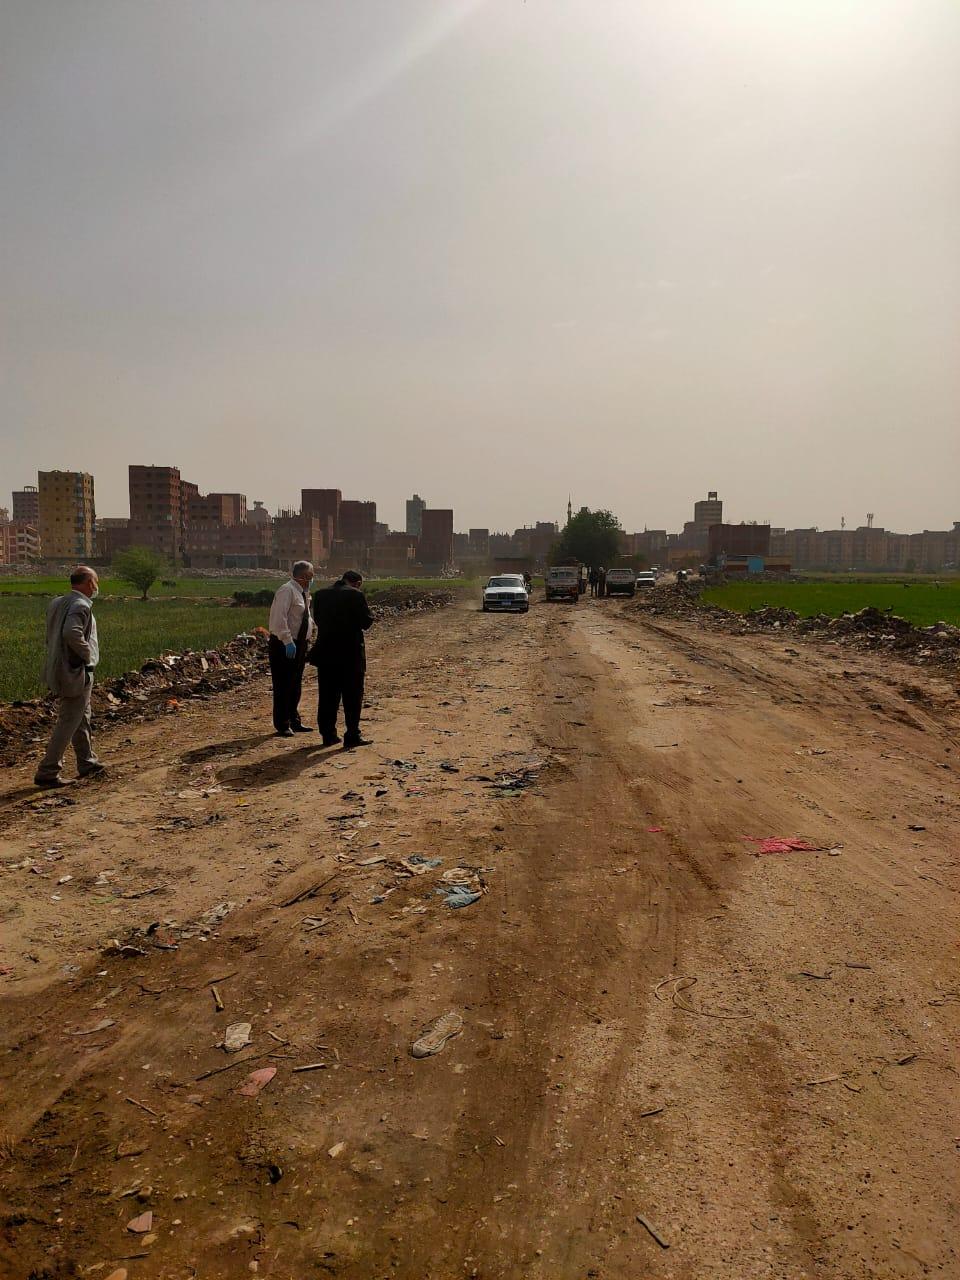 التنمية المحلية تزيل 400 طن قمامة ومخلفات بالخصوص (2)